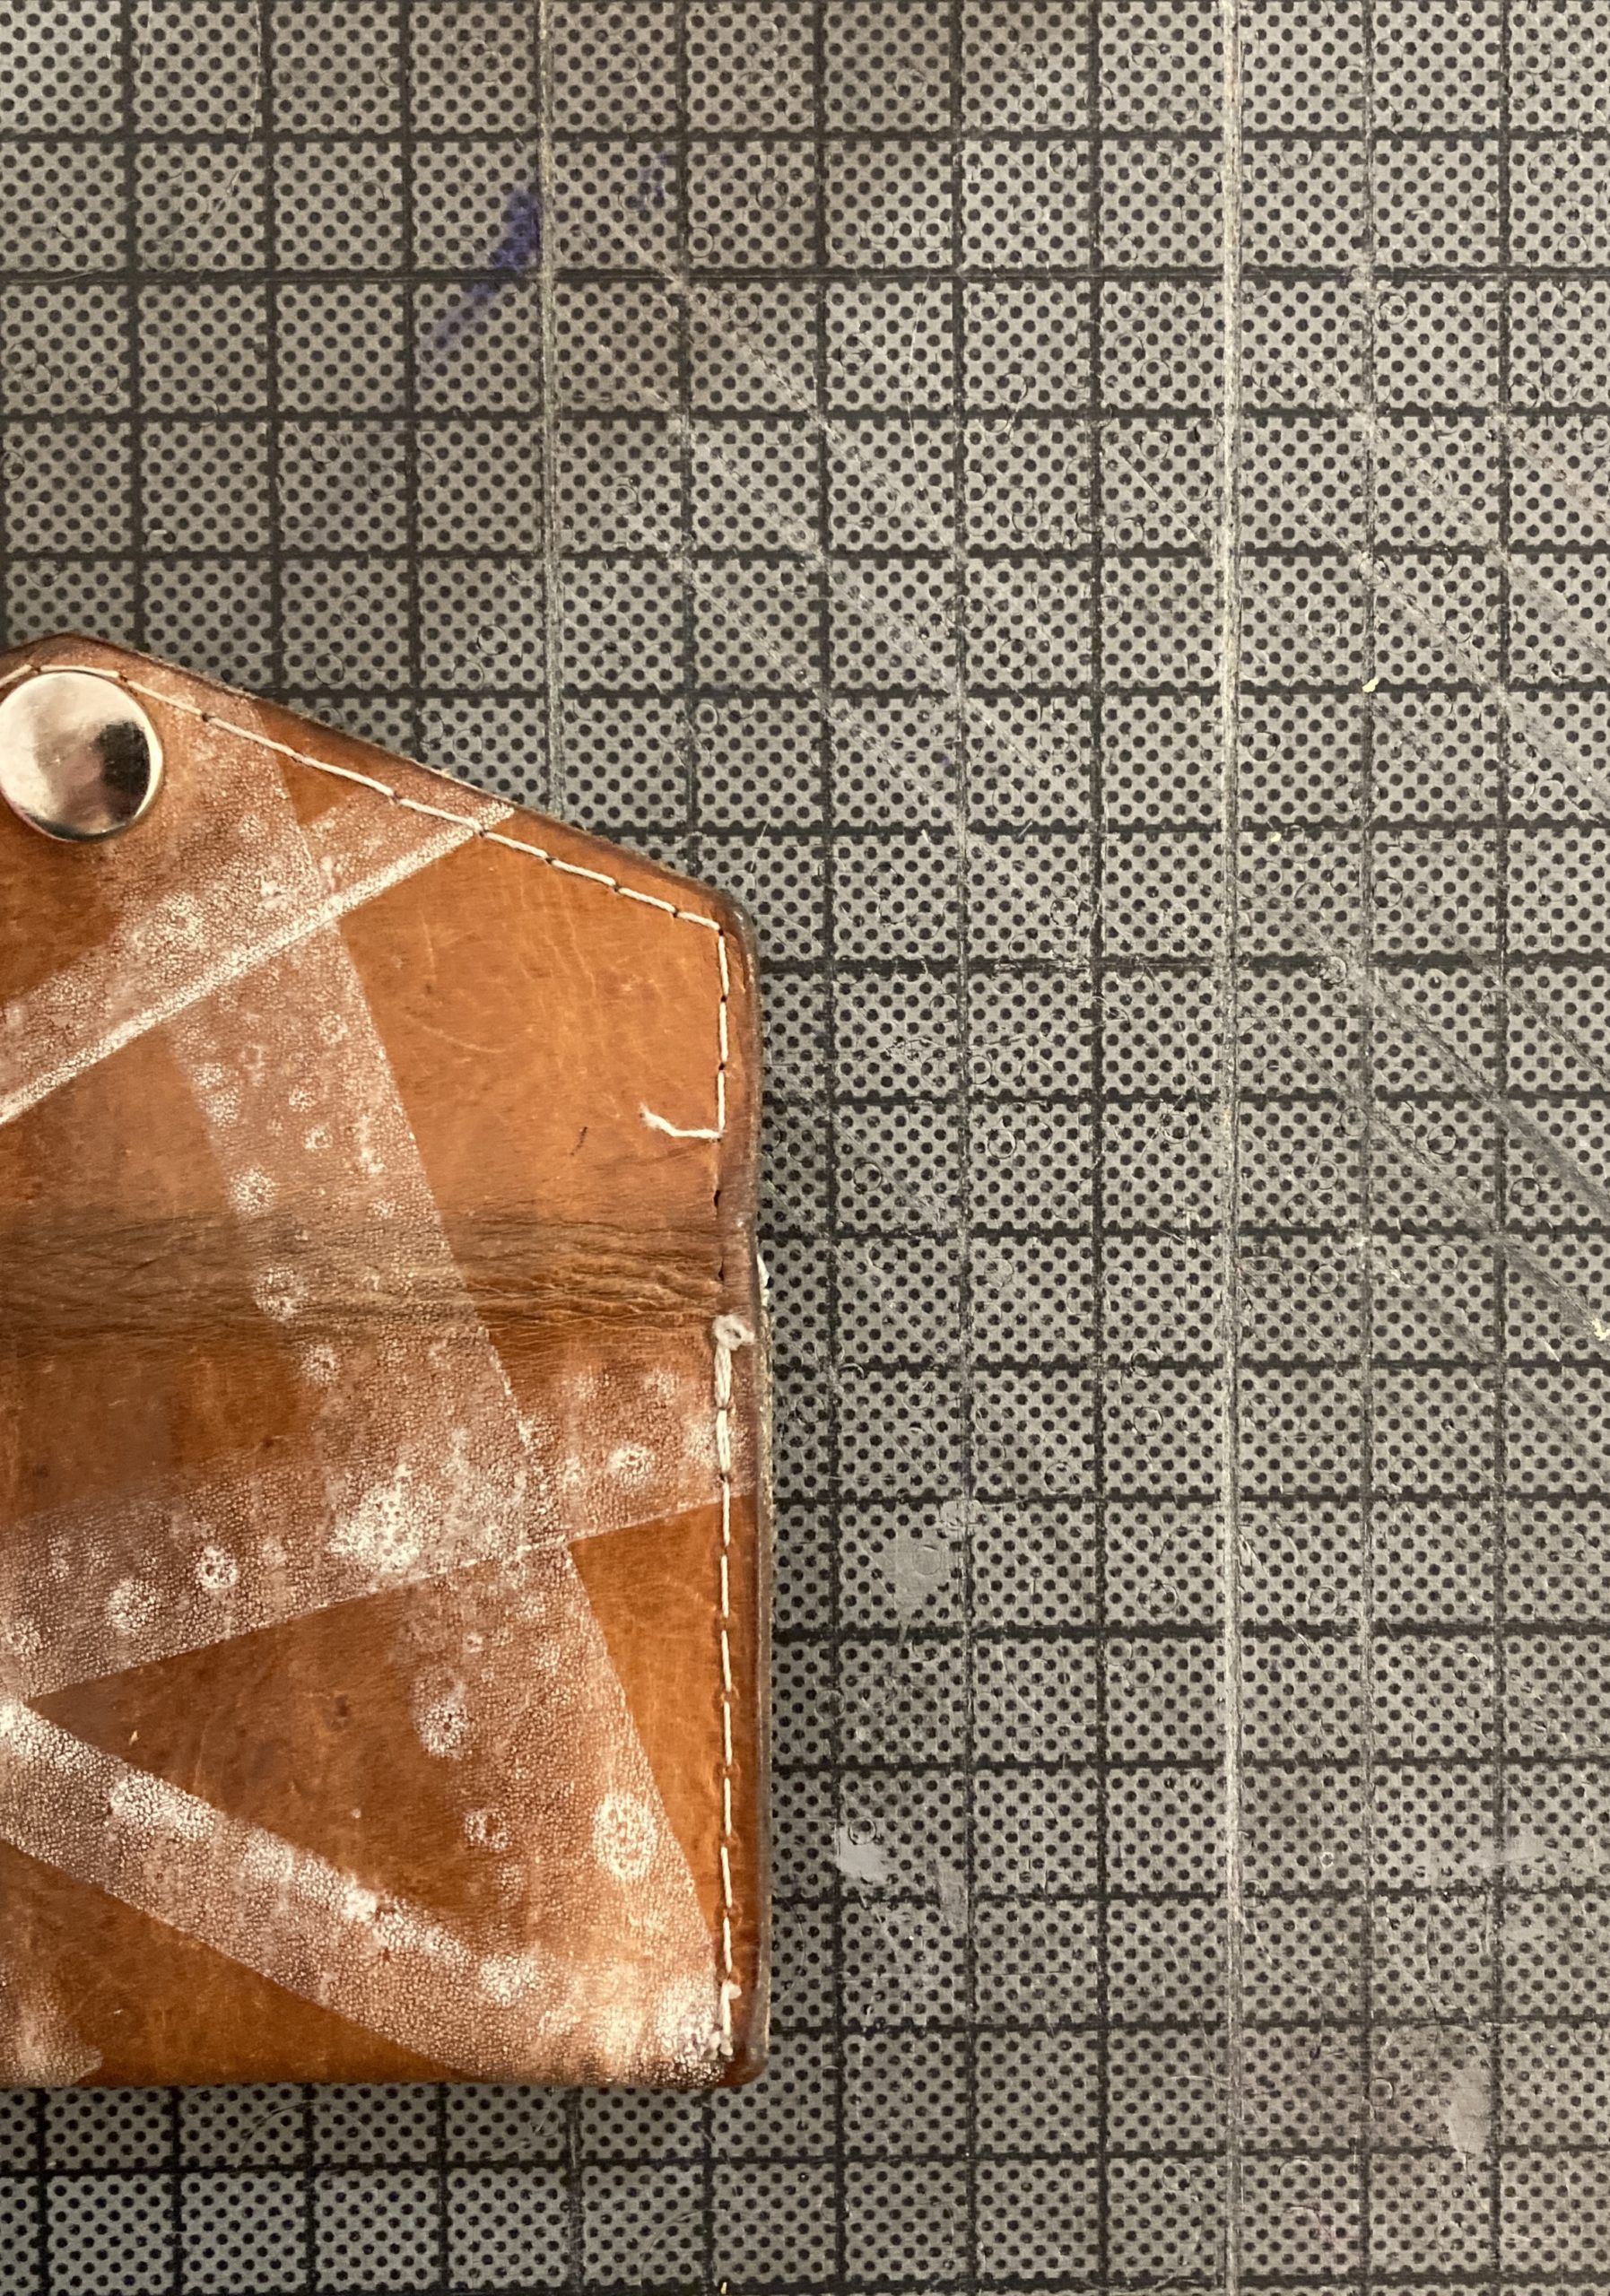 31 Alles über Leder Reinigungs Und Pflege Tips Ideen Leder Reparatur Leder Reparatur